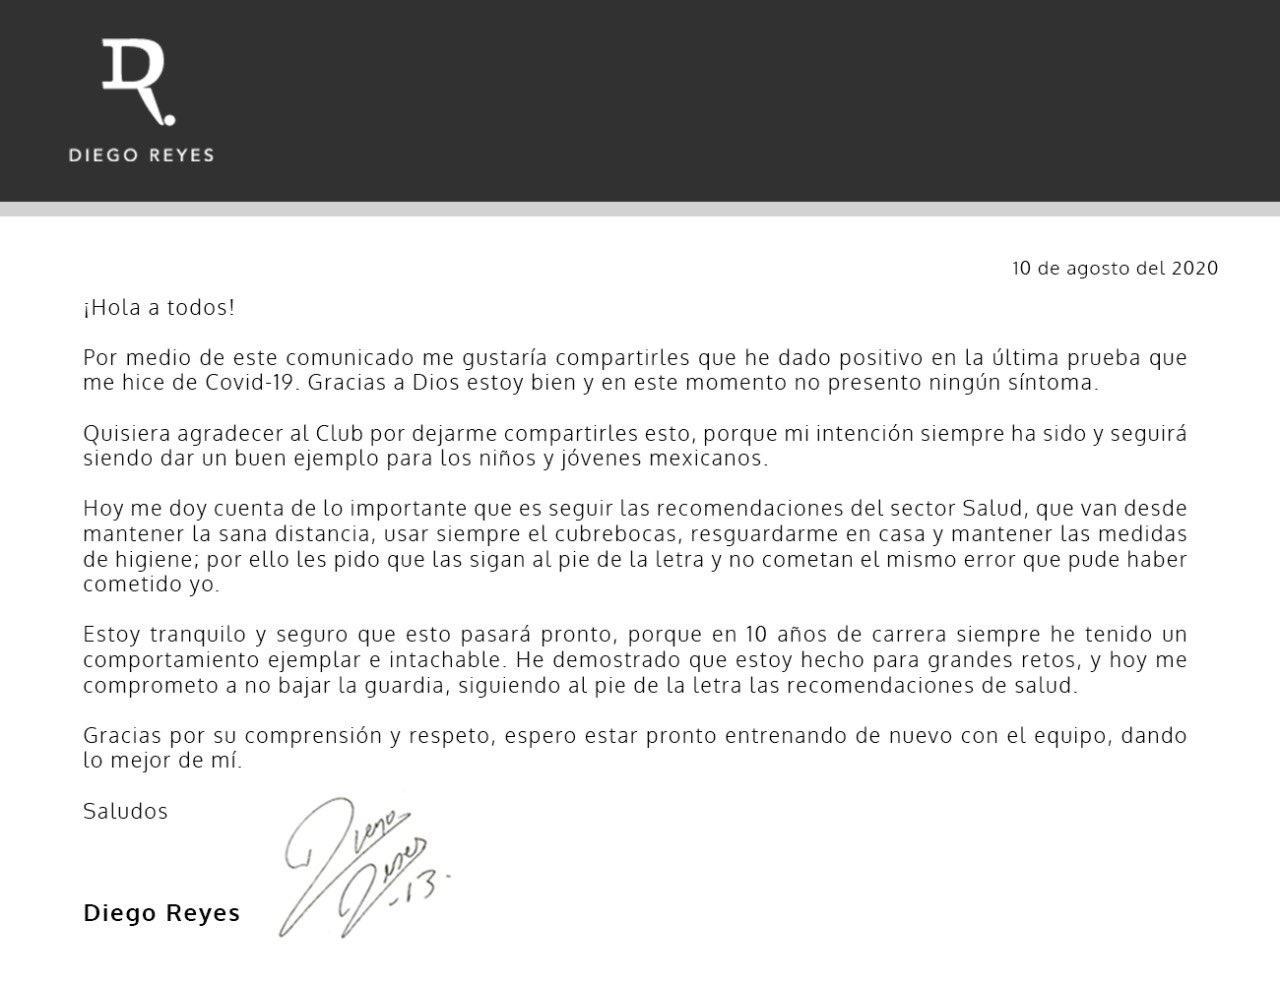 Diego Reyes causa baja de Tigres: da positivo por Covid-19